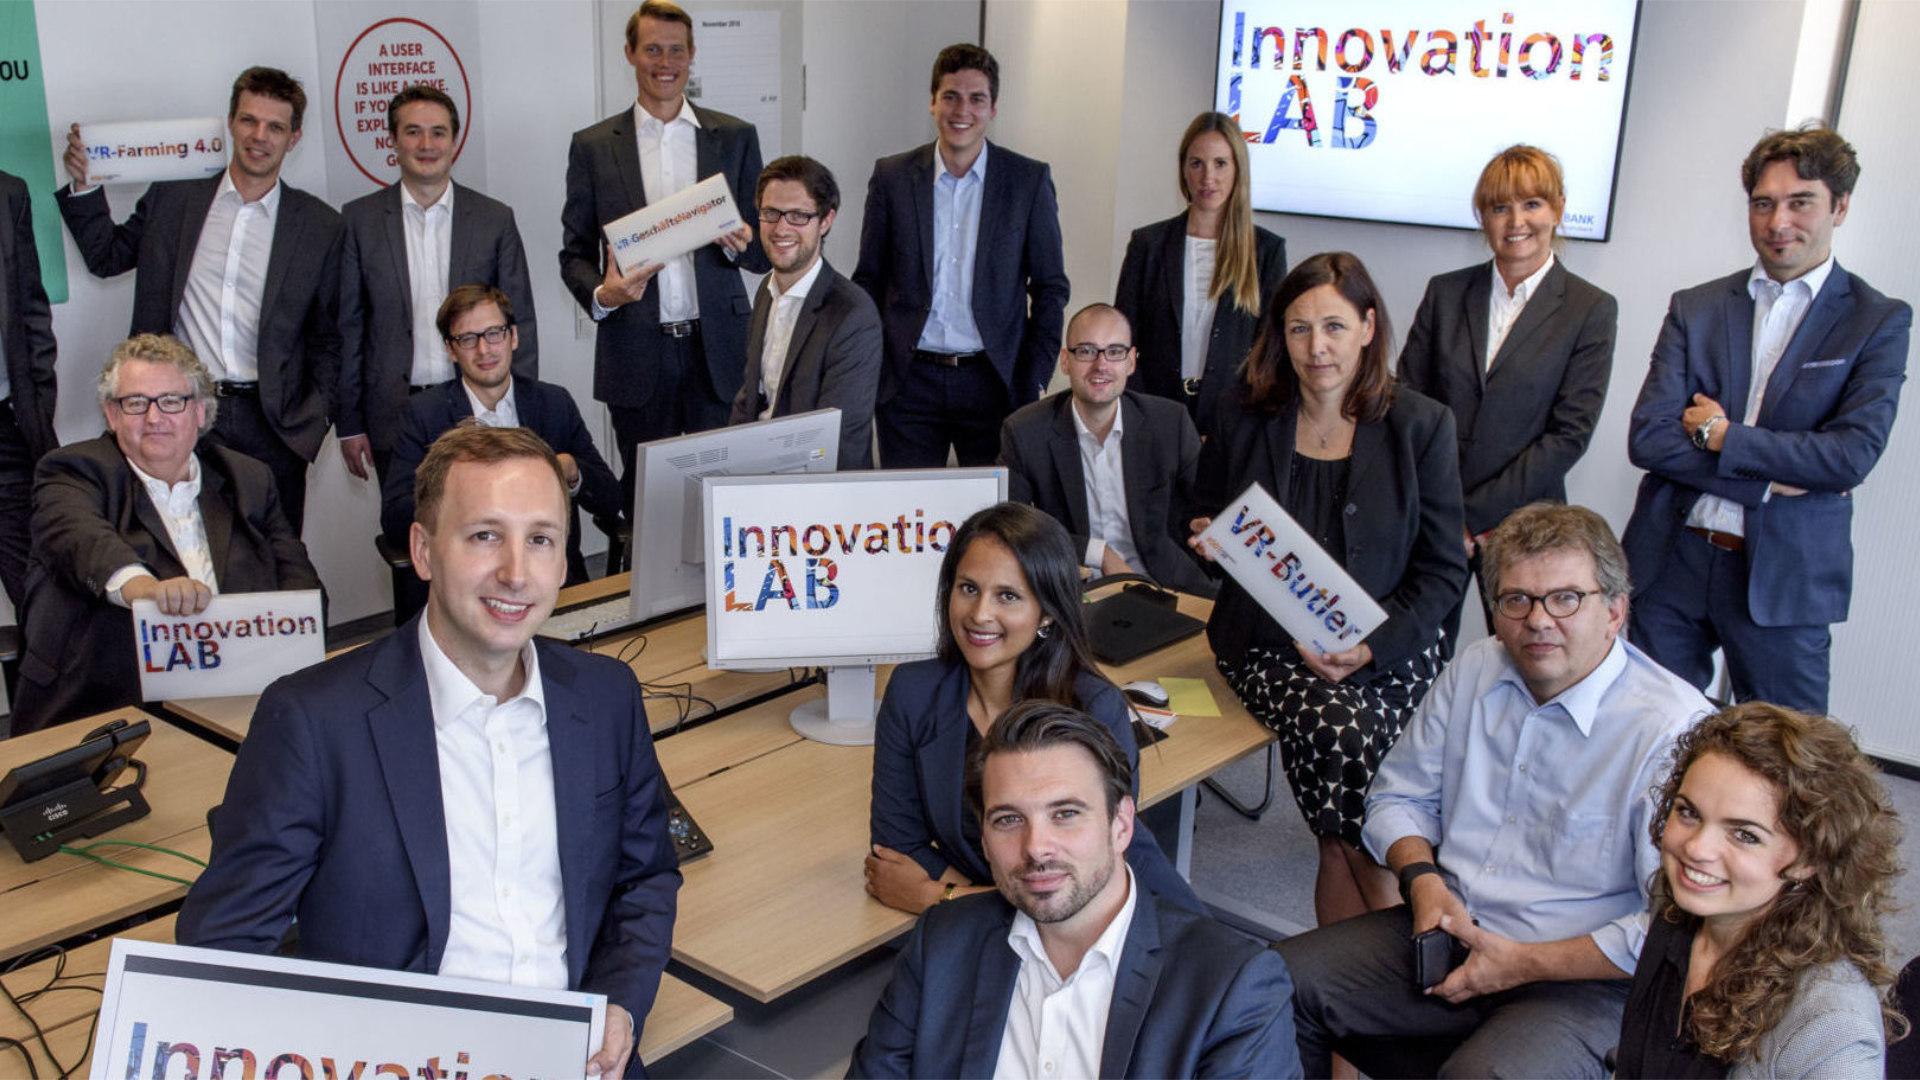 Das Innovation LAB der DZ Bank